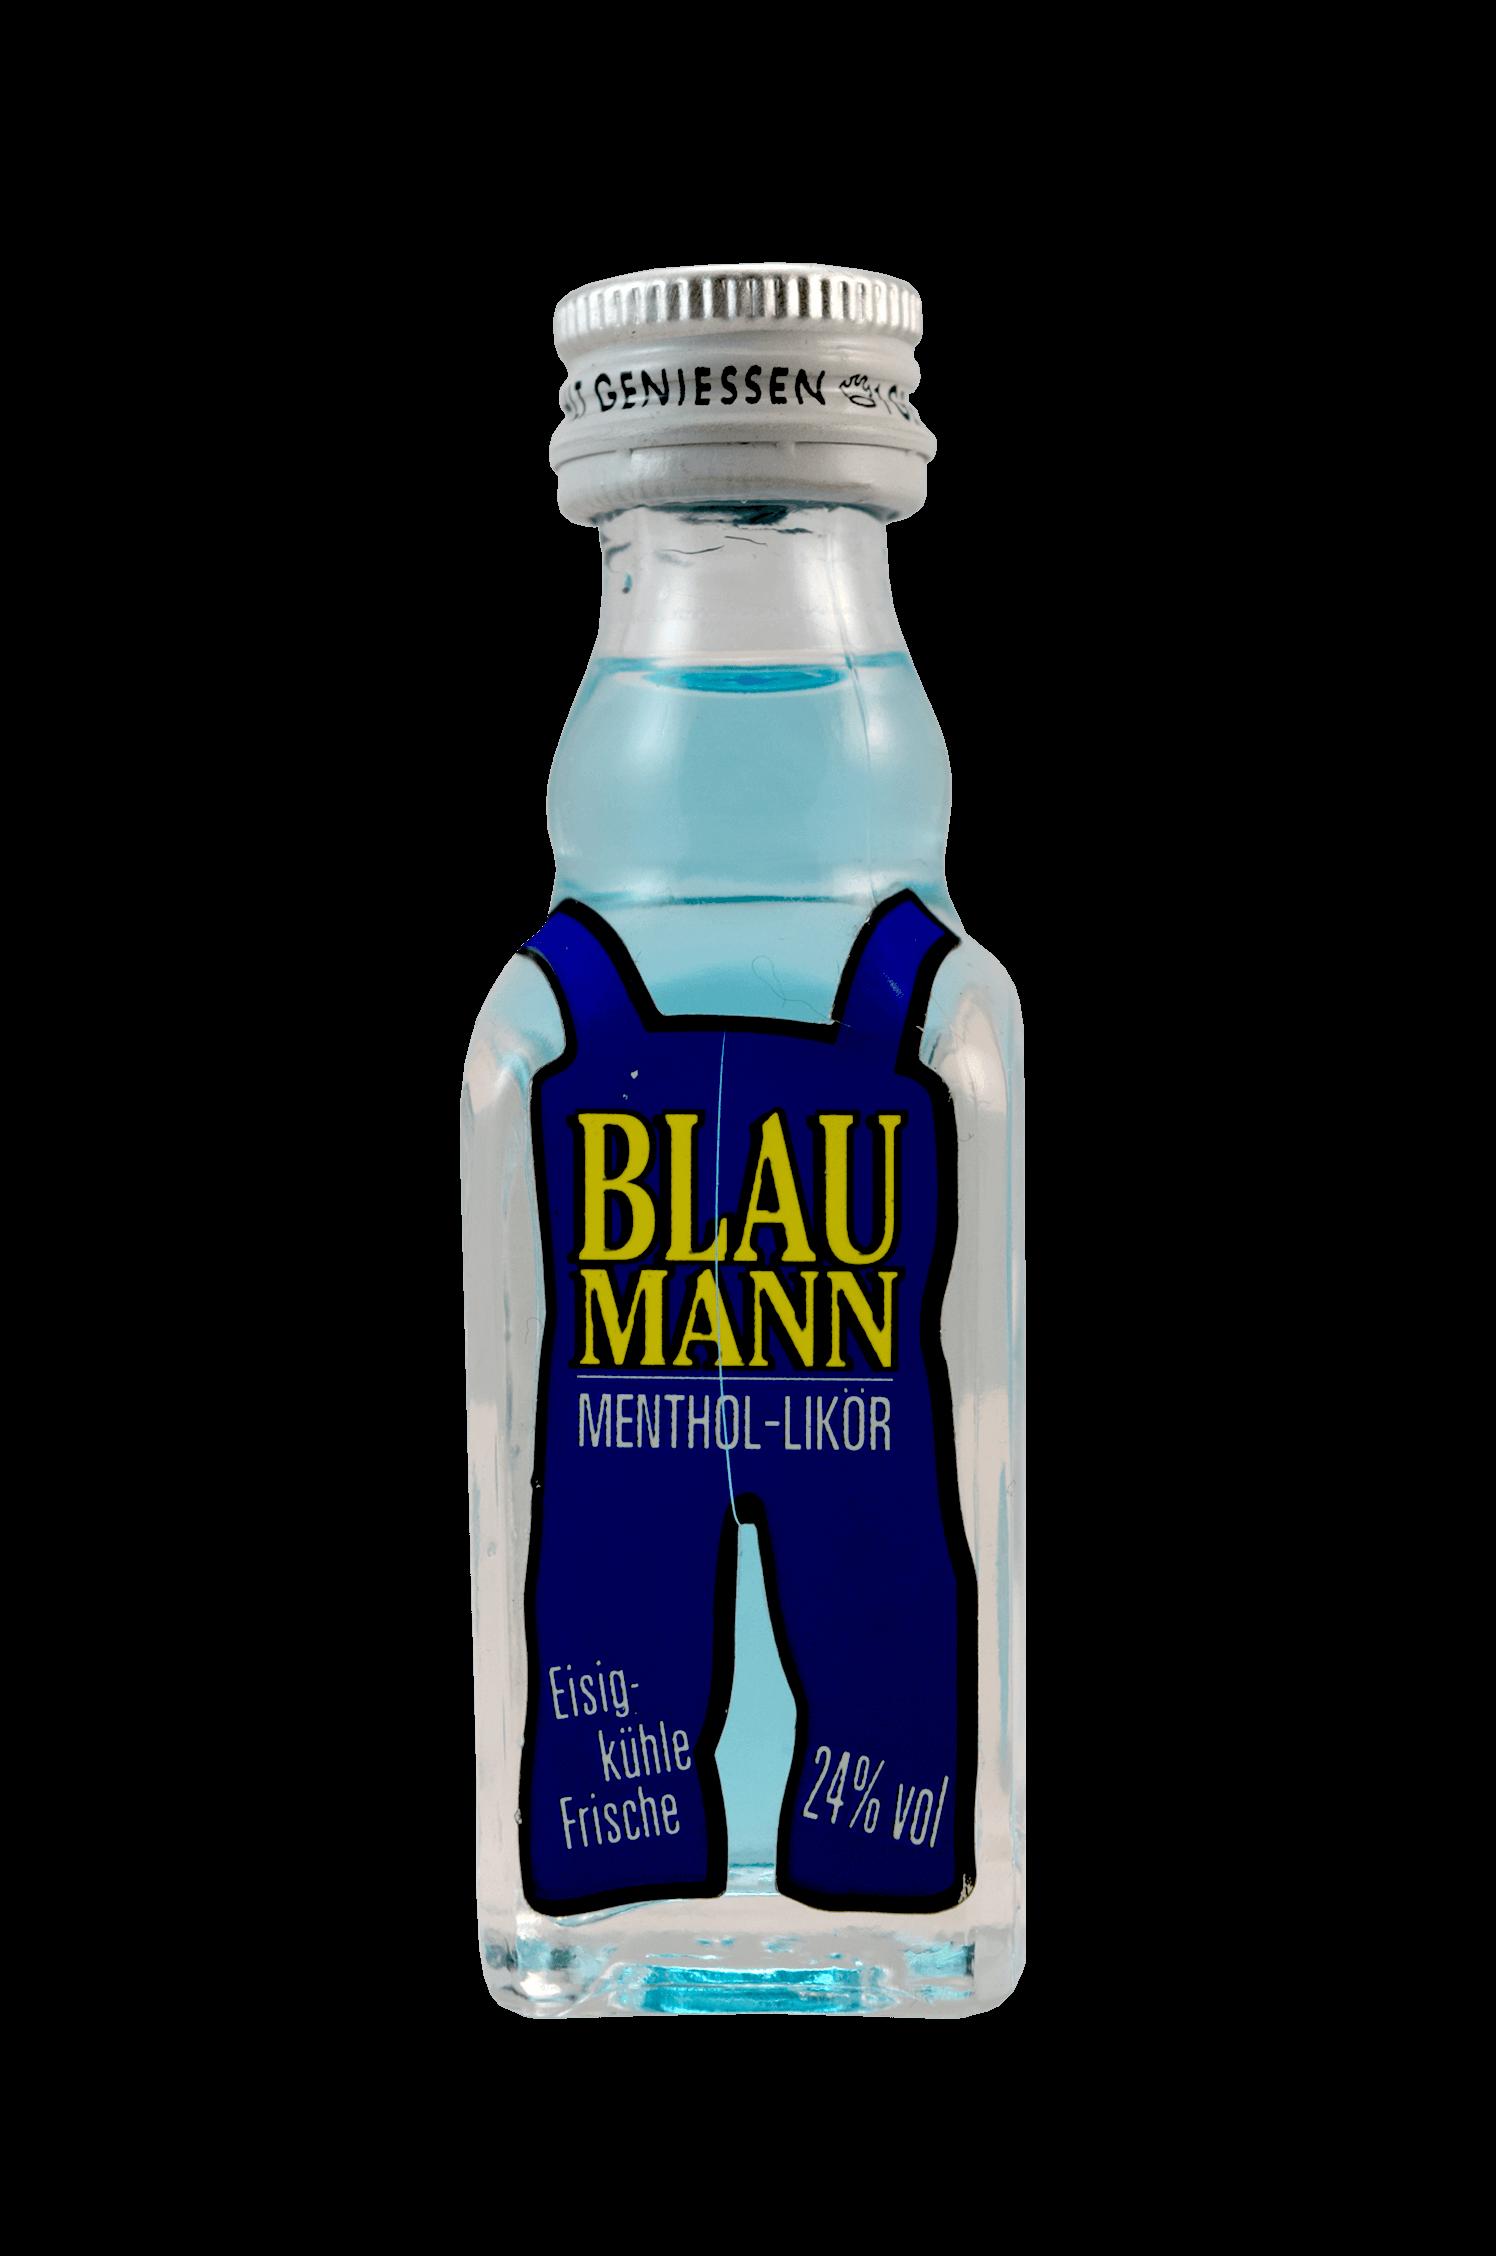 Blau Mann Menthol Likör